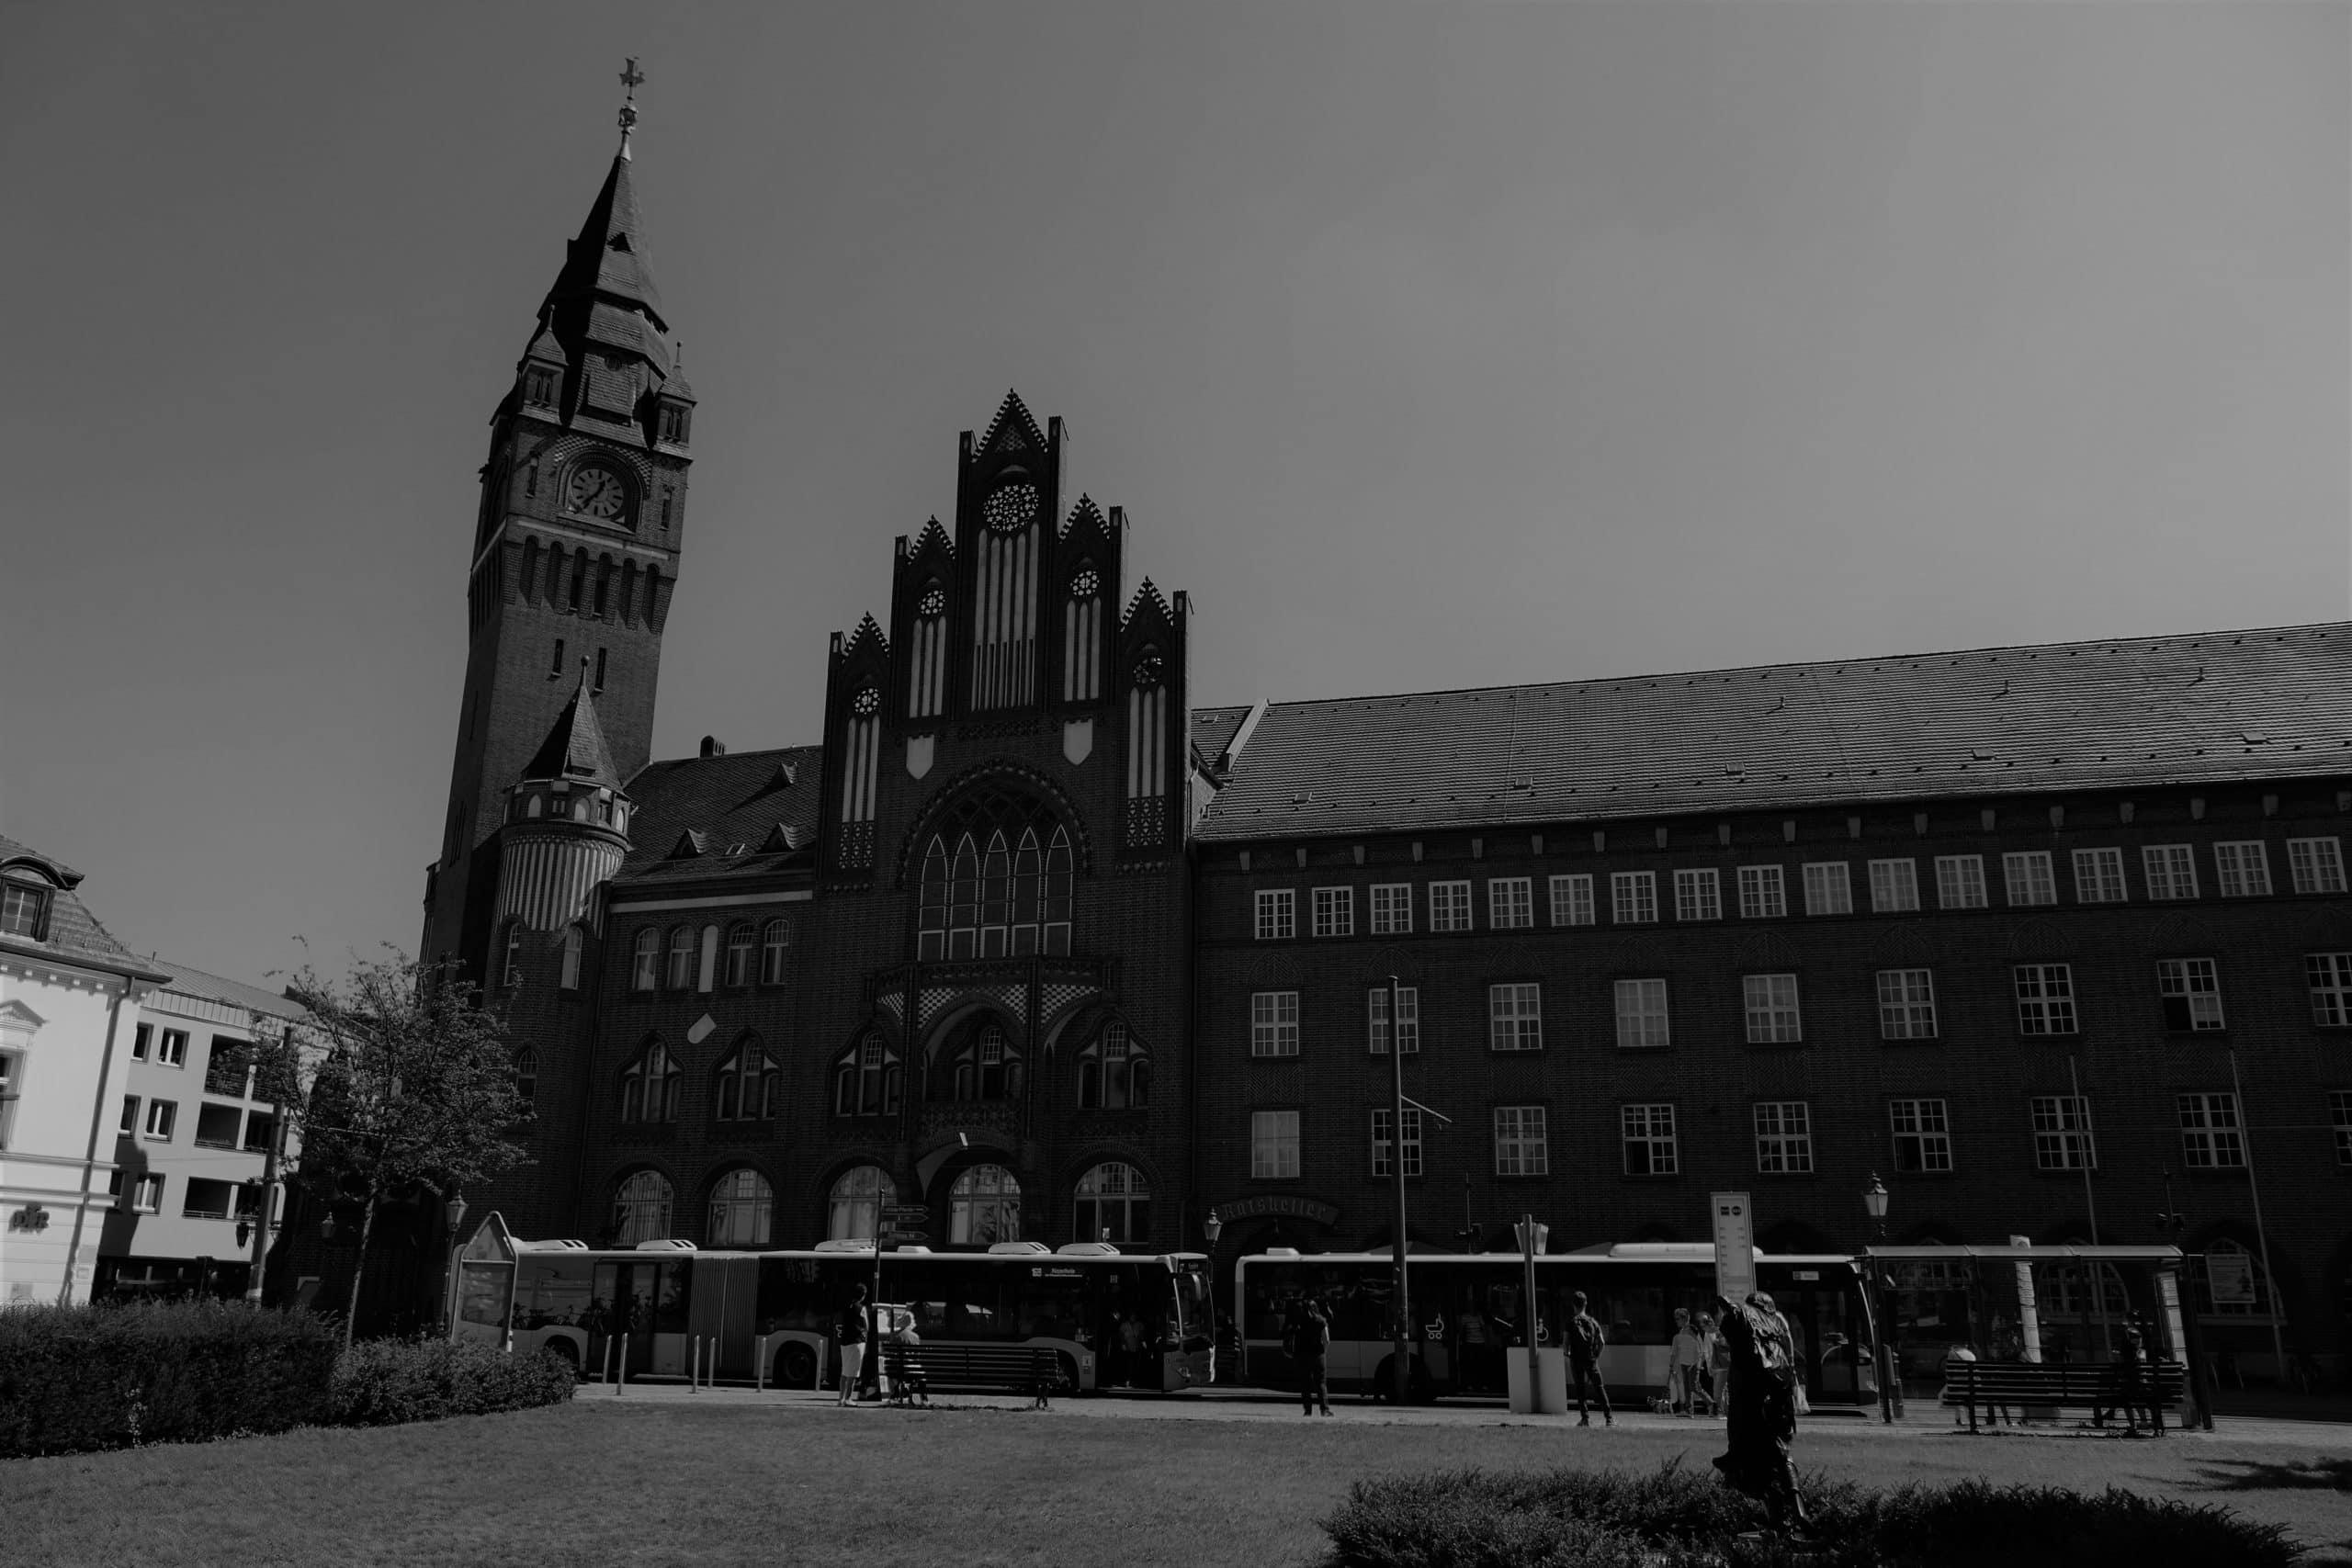 Rathaus Köpenick & Hauptmann von Köpenick 2